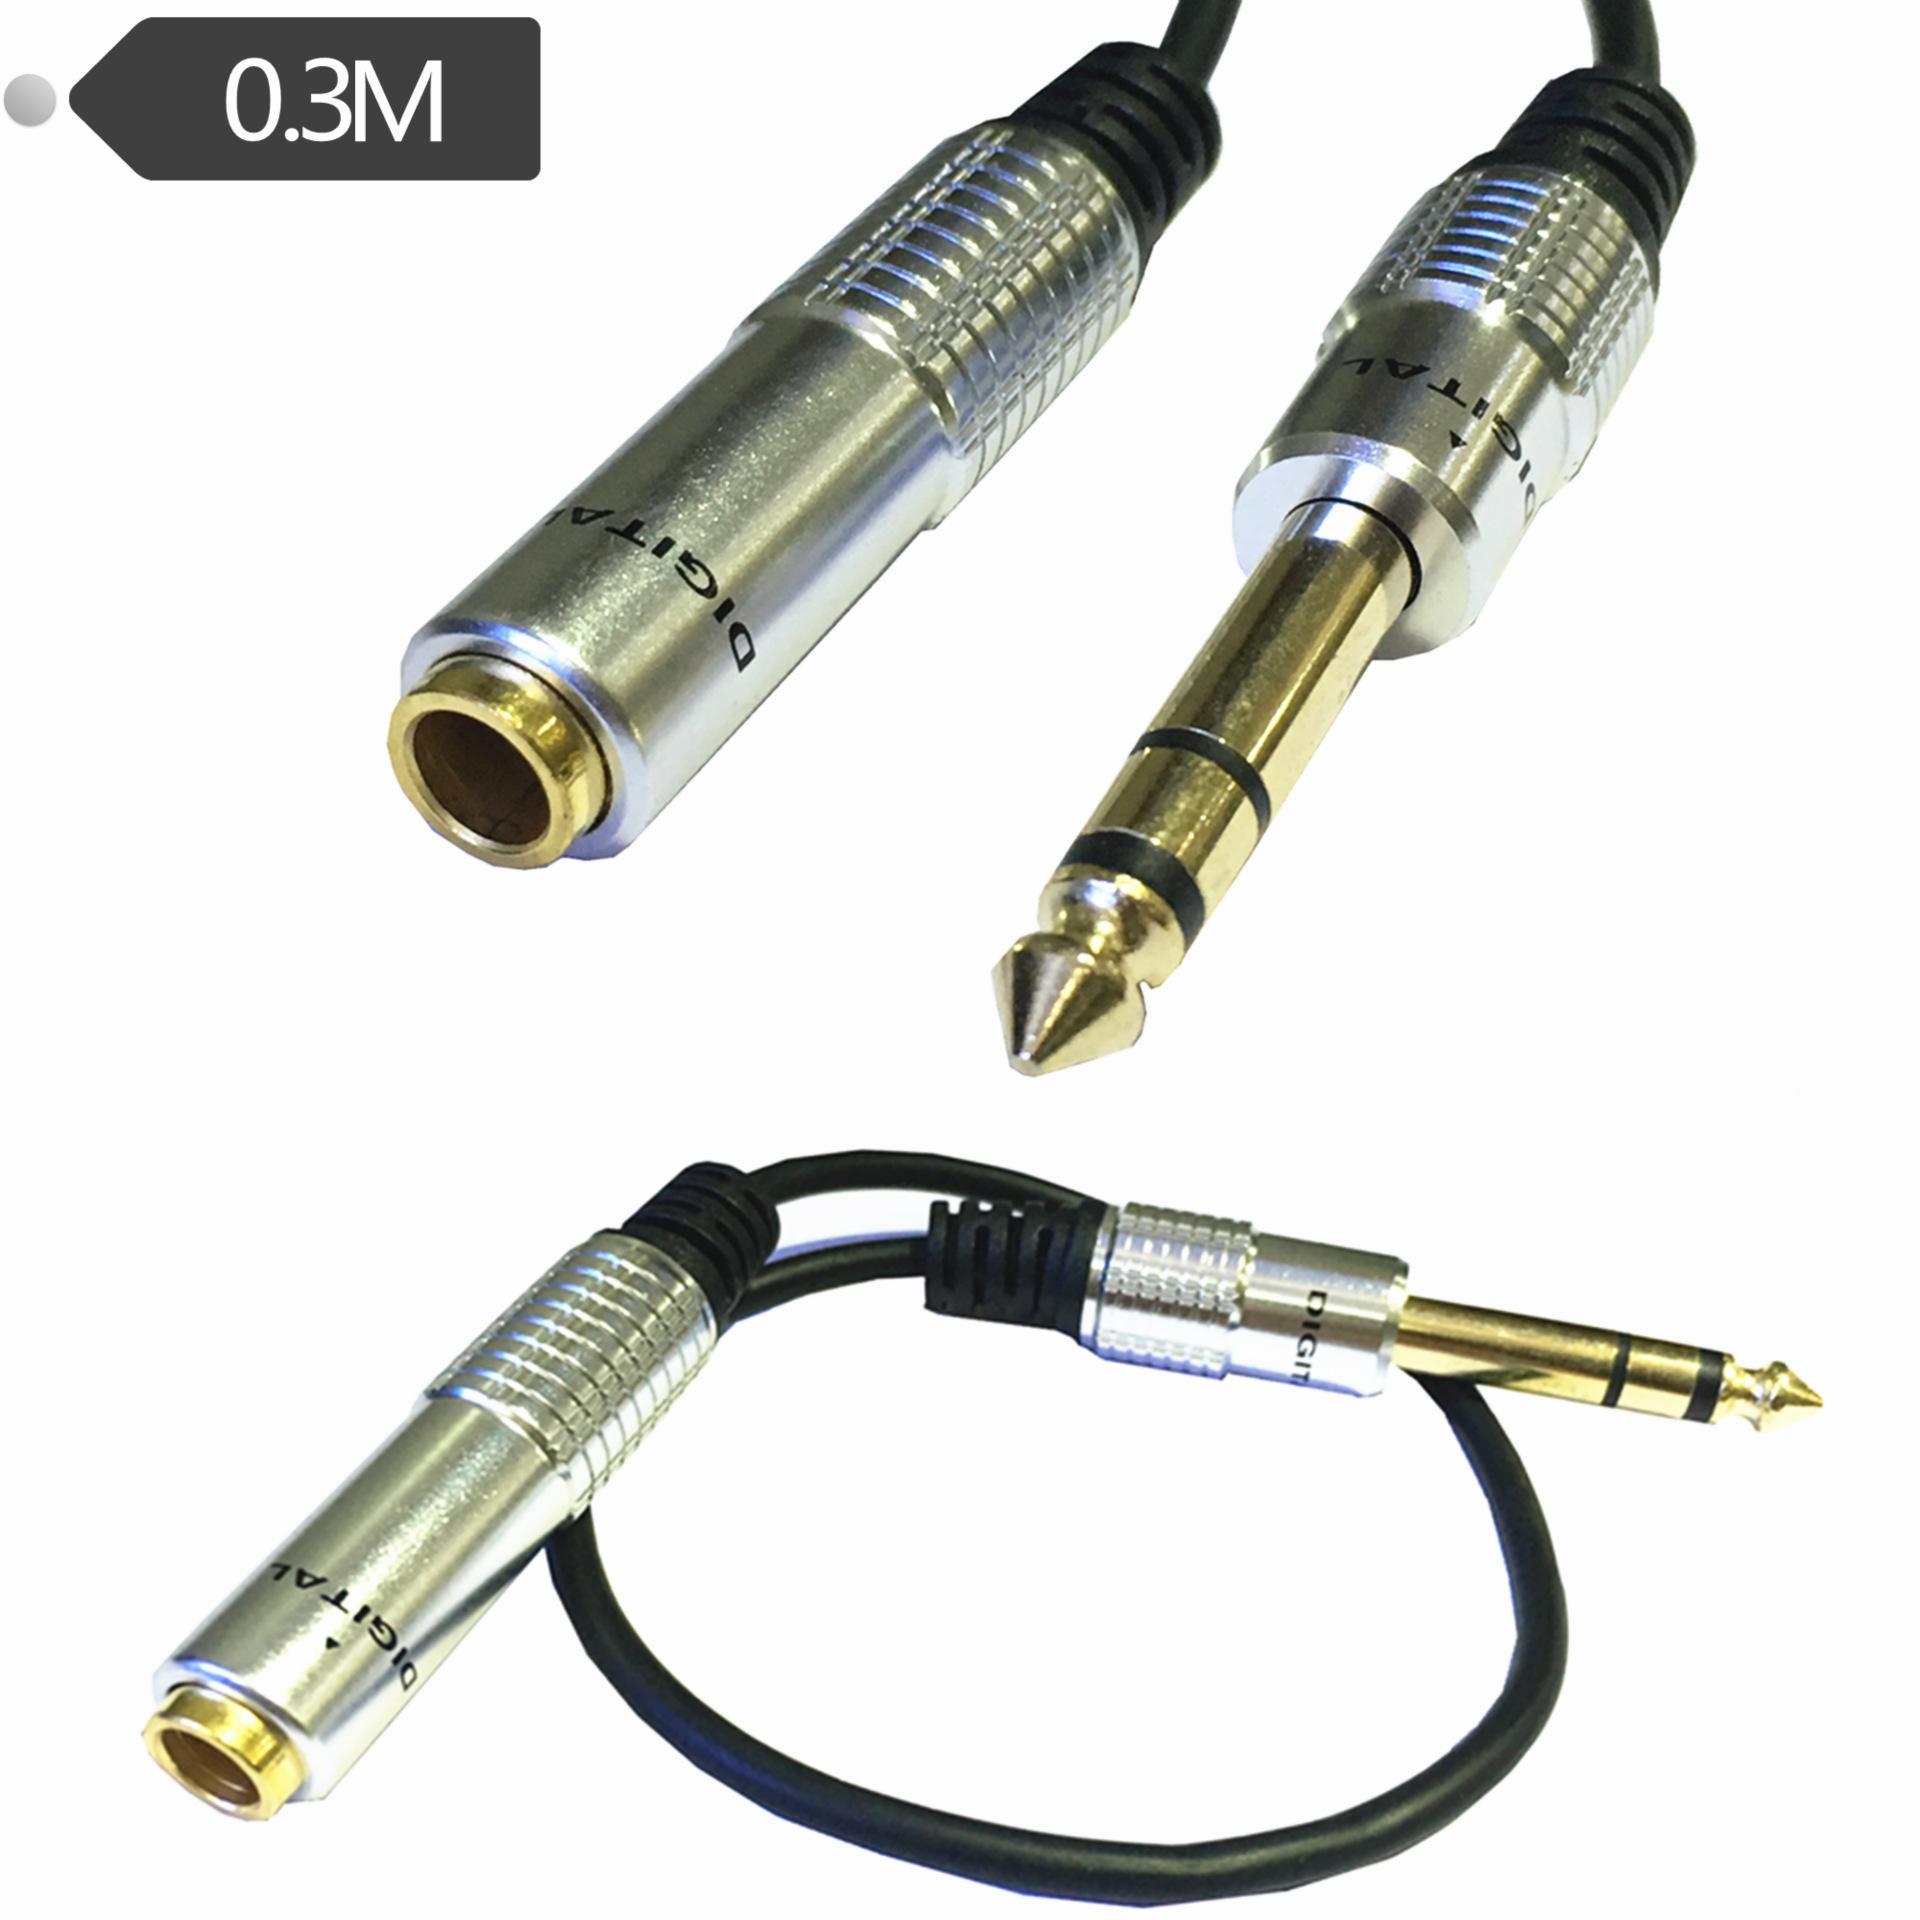 6.35SP M-6.35 SP F كابل 1FT ستيريو 6.35 الثورة 6.35 كابل محول الصوت الإناث